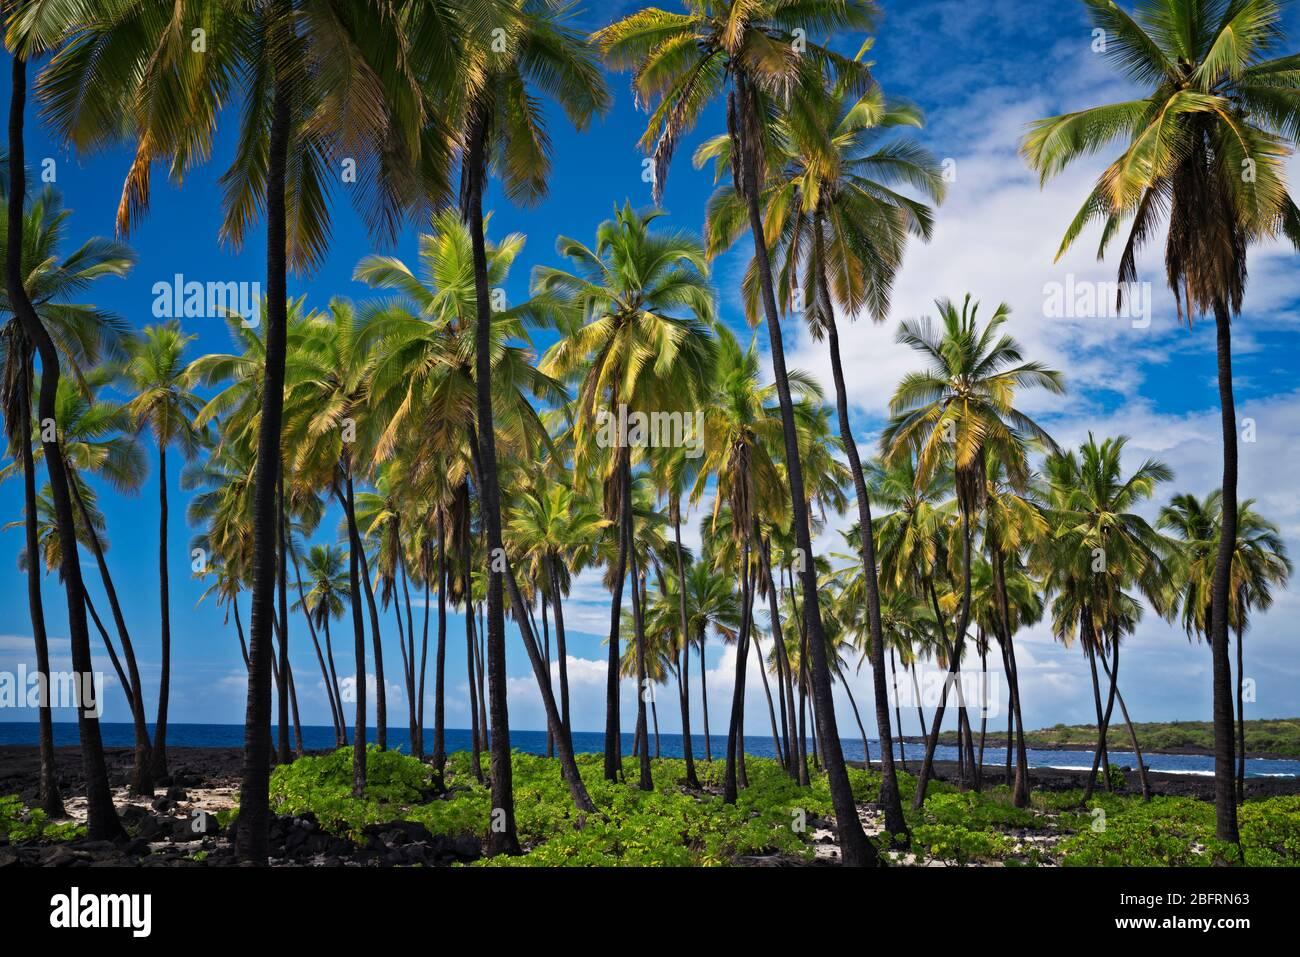 La beauté tropicale le long de la côte de Kona, à l'endroit de refuge National Historical Park sur la grande île d'Hawaï. Banque D'Images